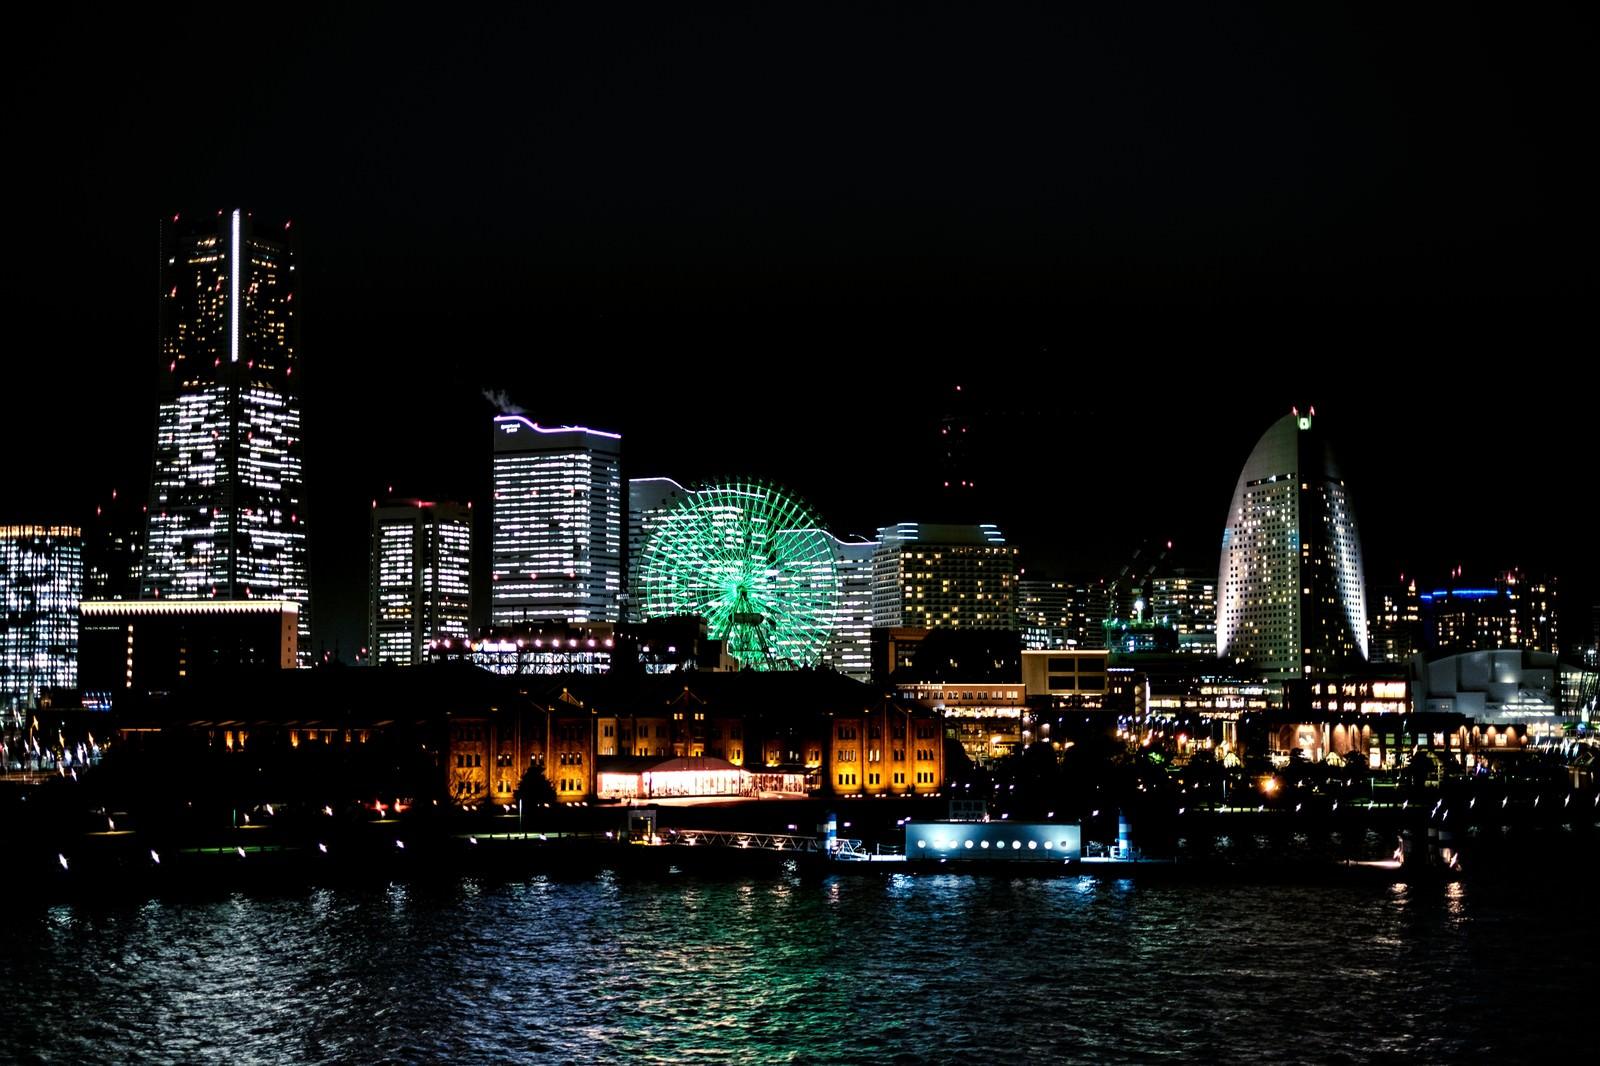 横浜みなとみらいの夜景の写真(画像)を無料ダウンロード - フリー ...